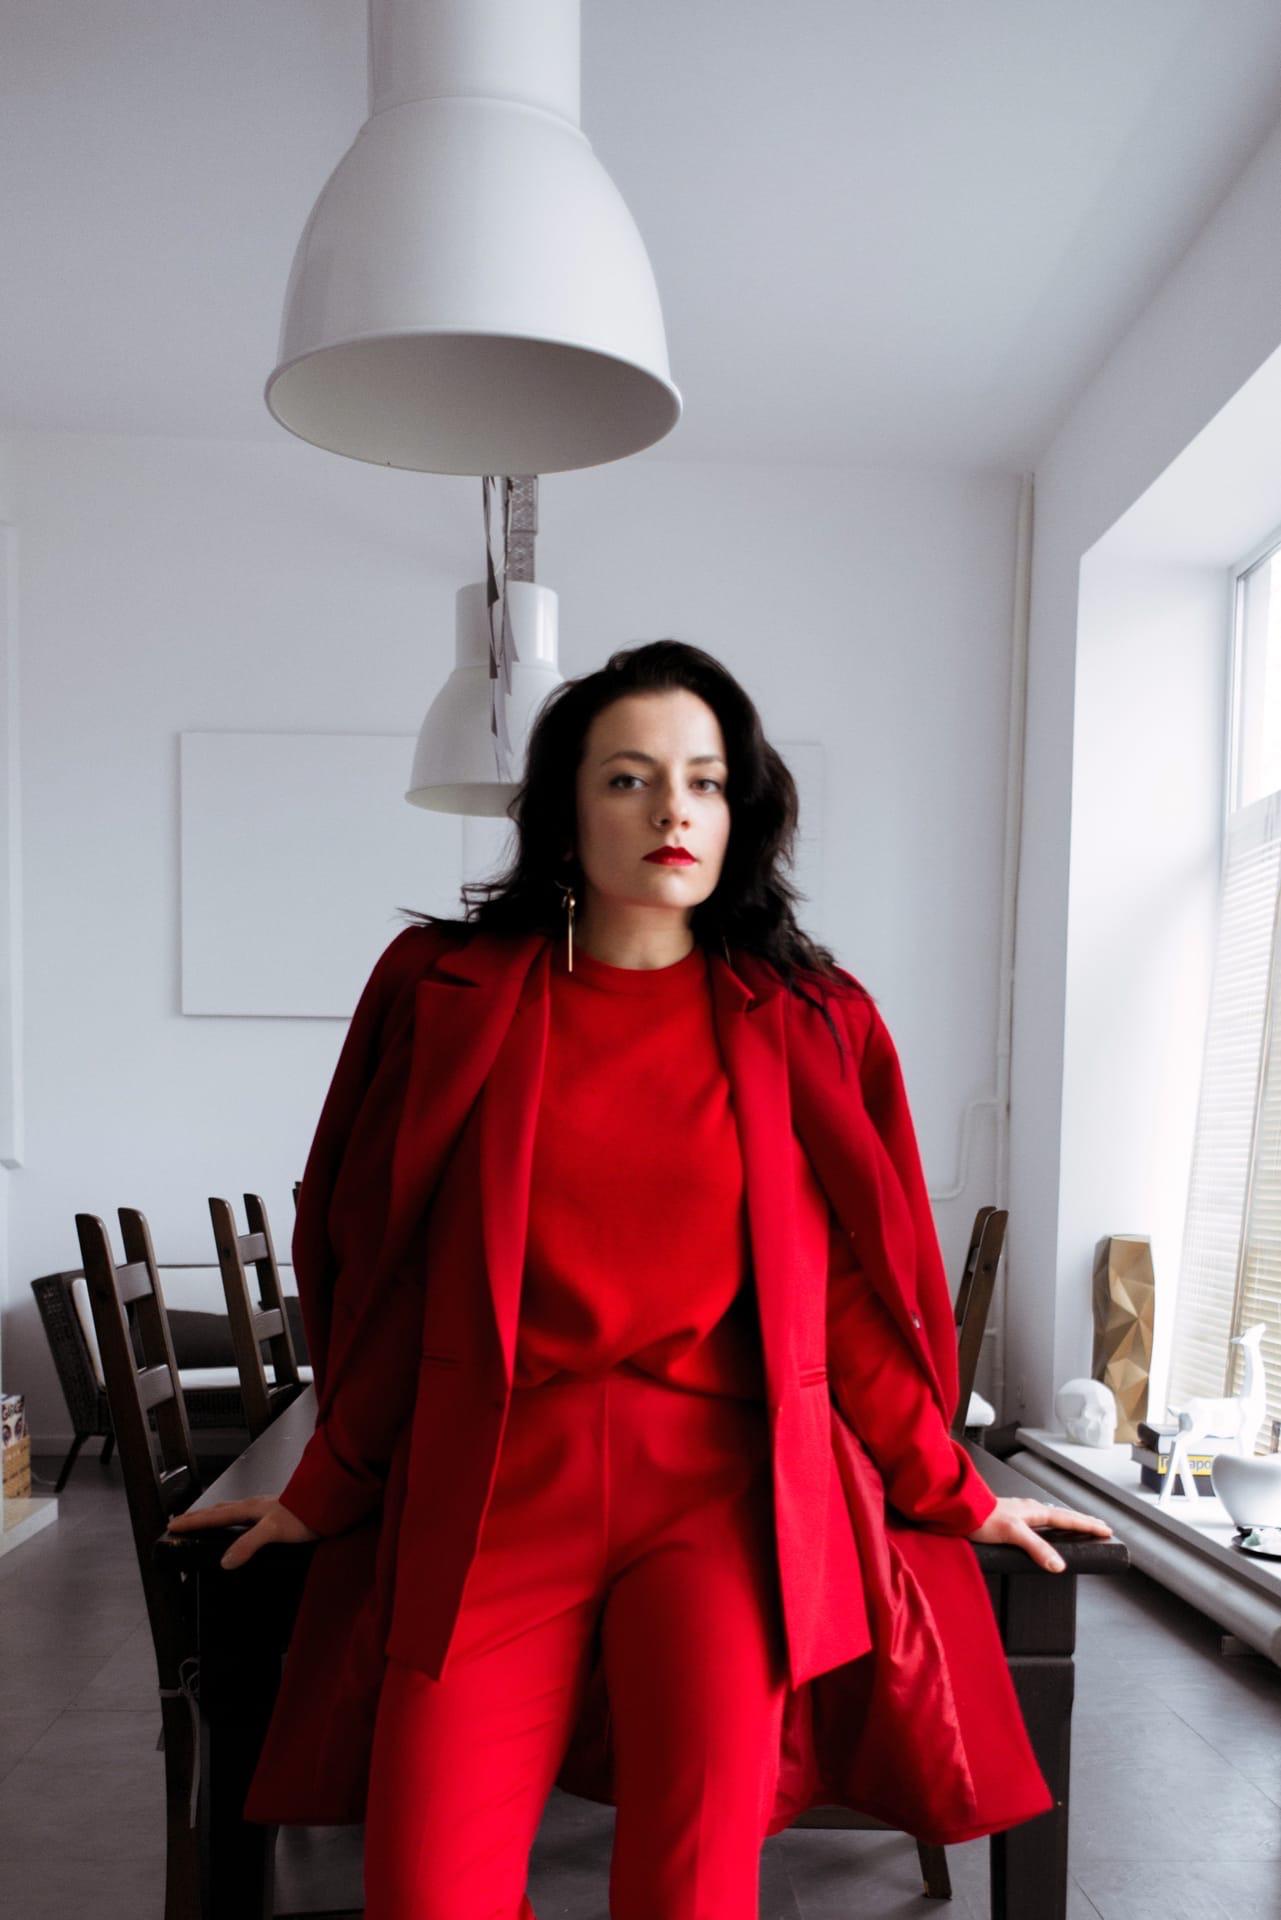 «Парадоксы красоты» Нины Петько: как фотопроект обернулся большой выставкой в Твери